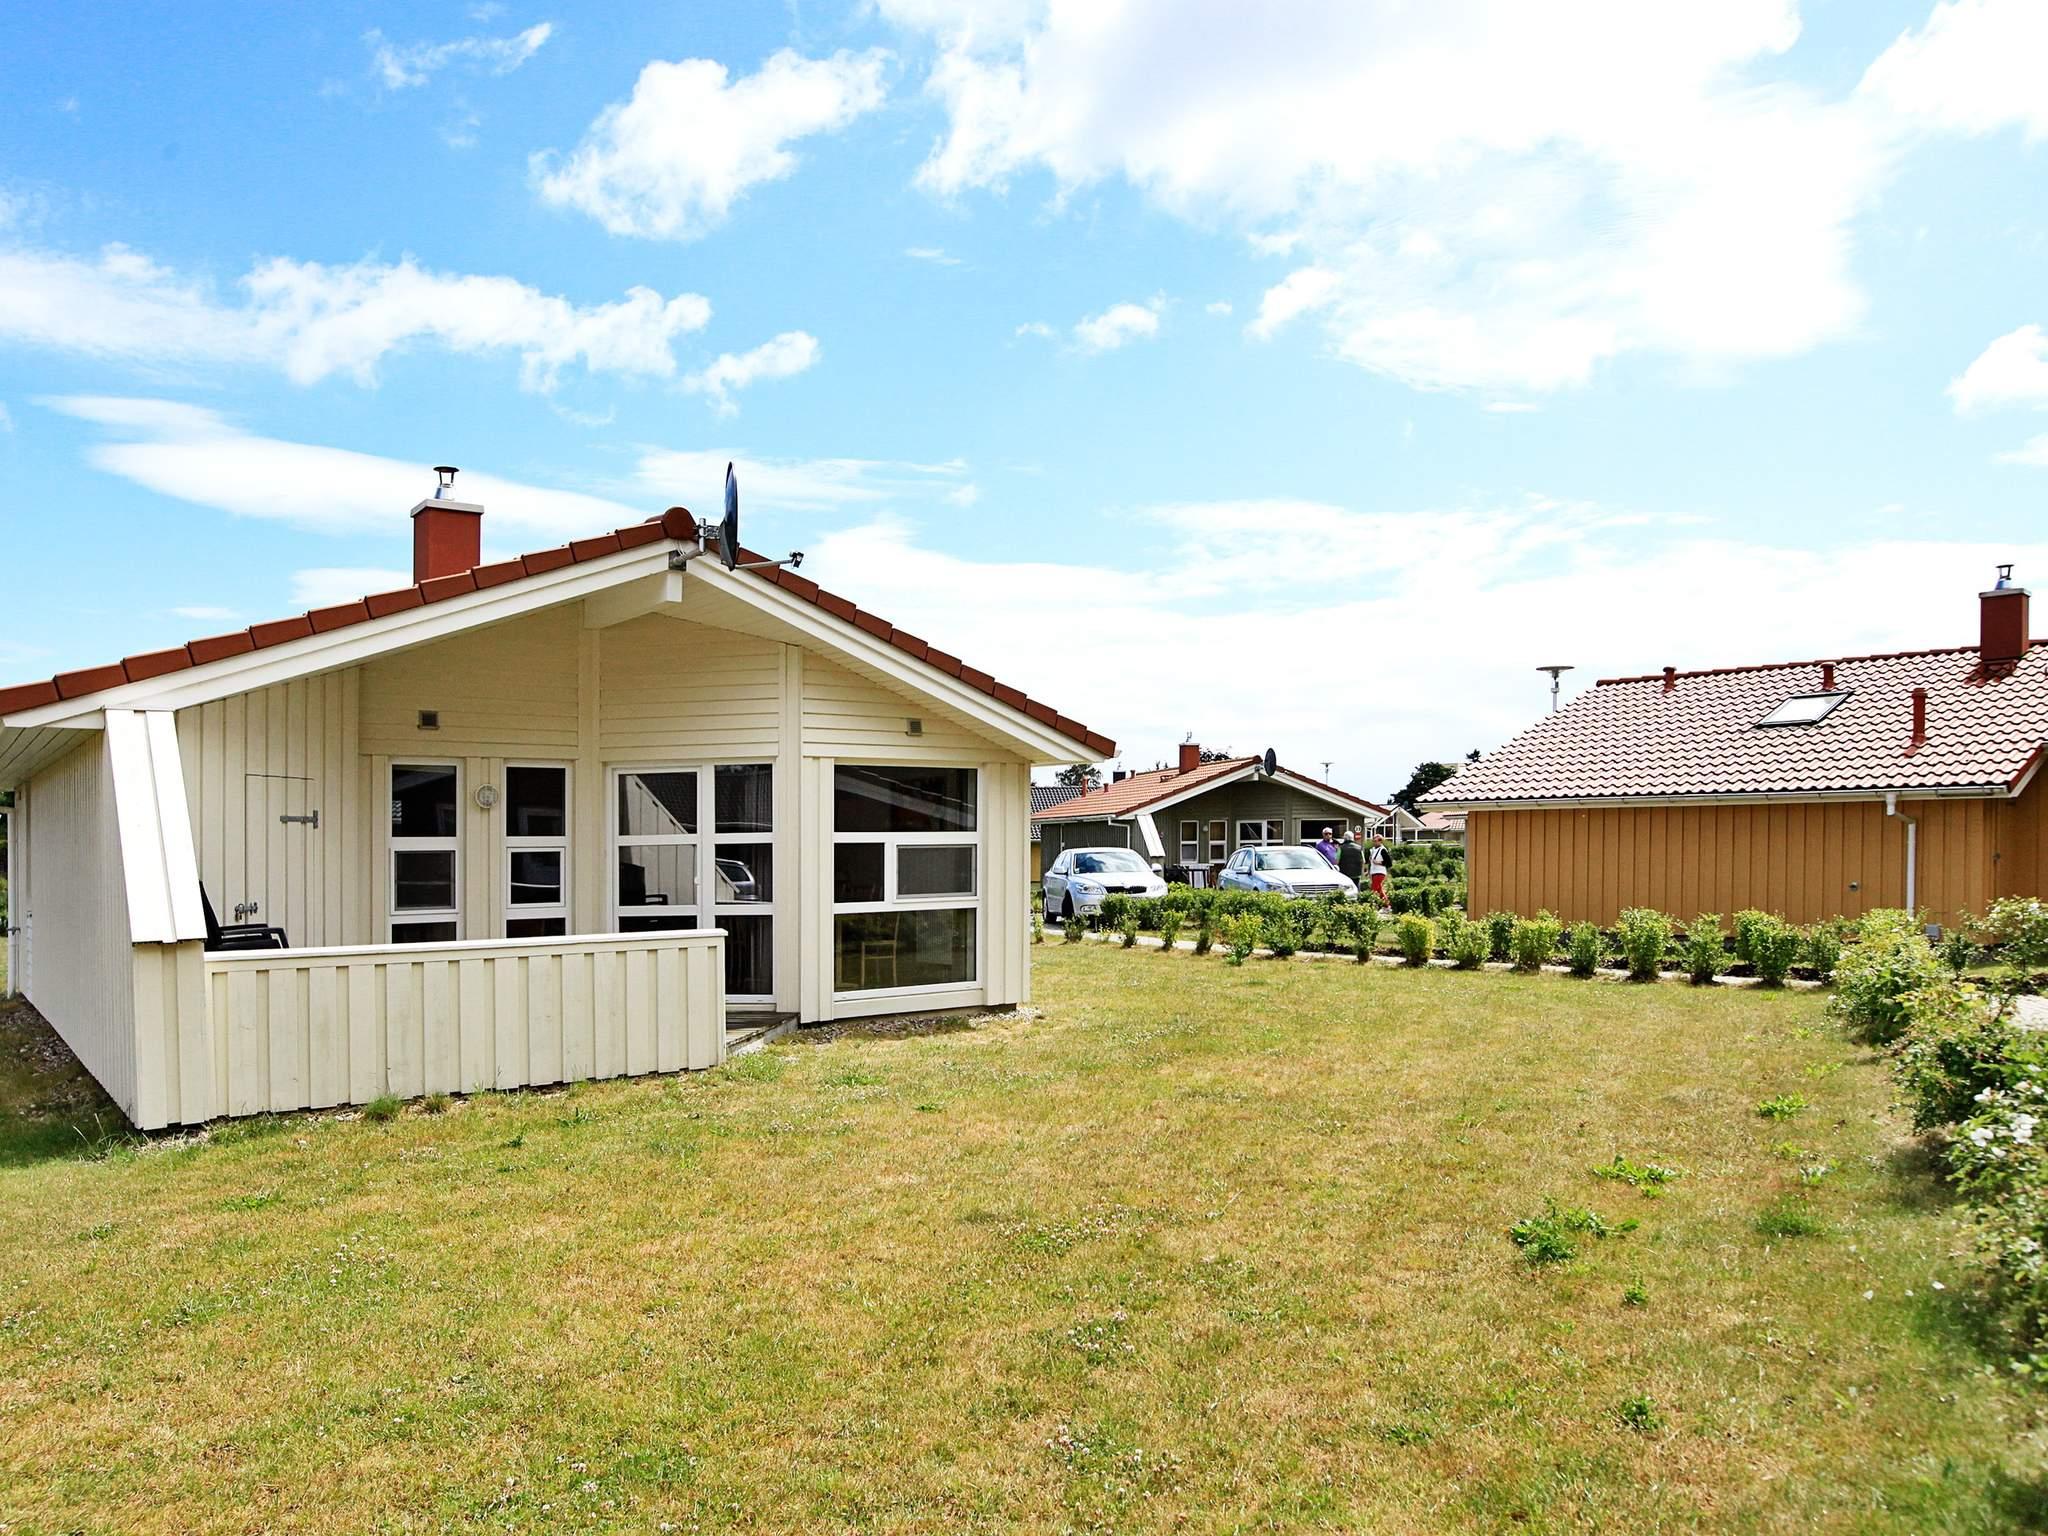 Maison de vacances Grömitz (455123), Grömitz, Baie de Lübeck, Schleswig-Holstein, Allemagne, image 10